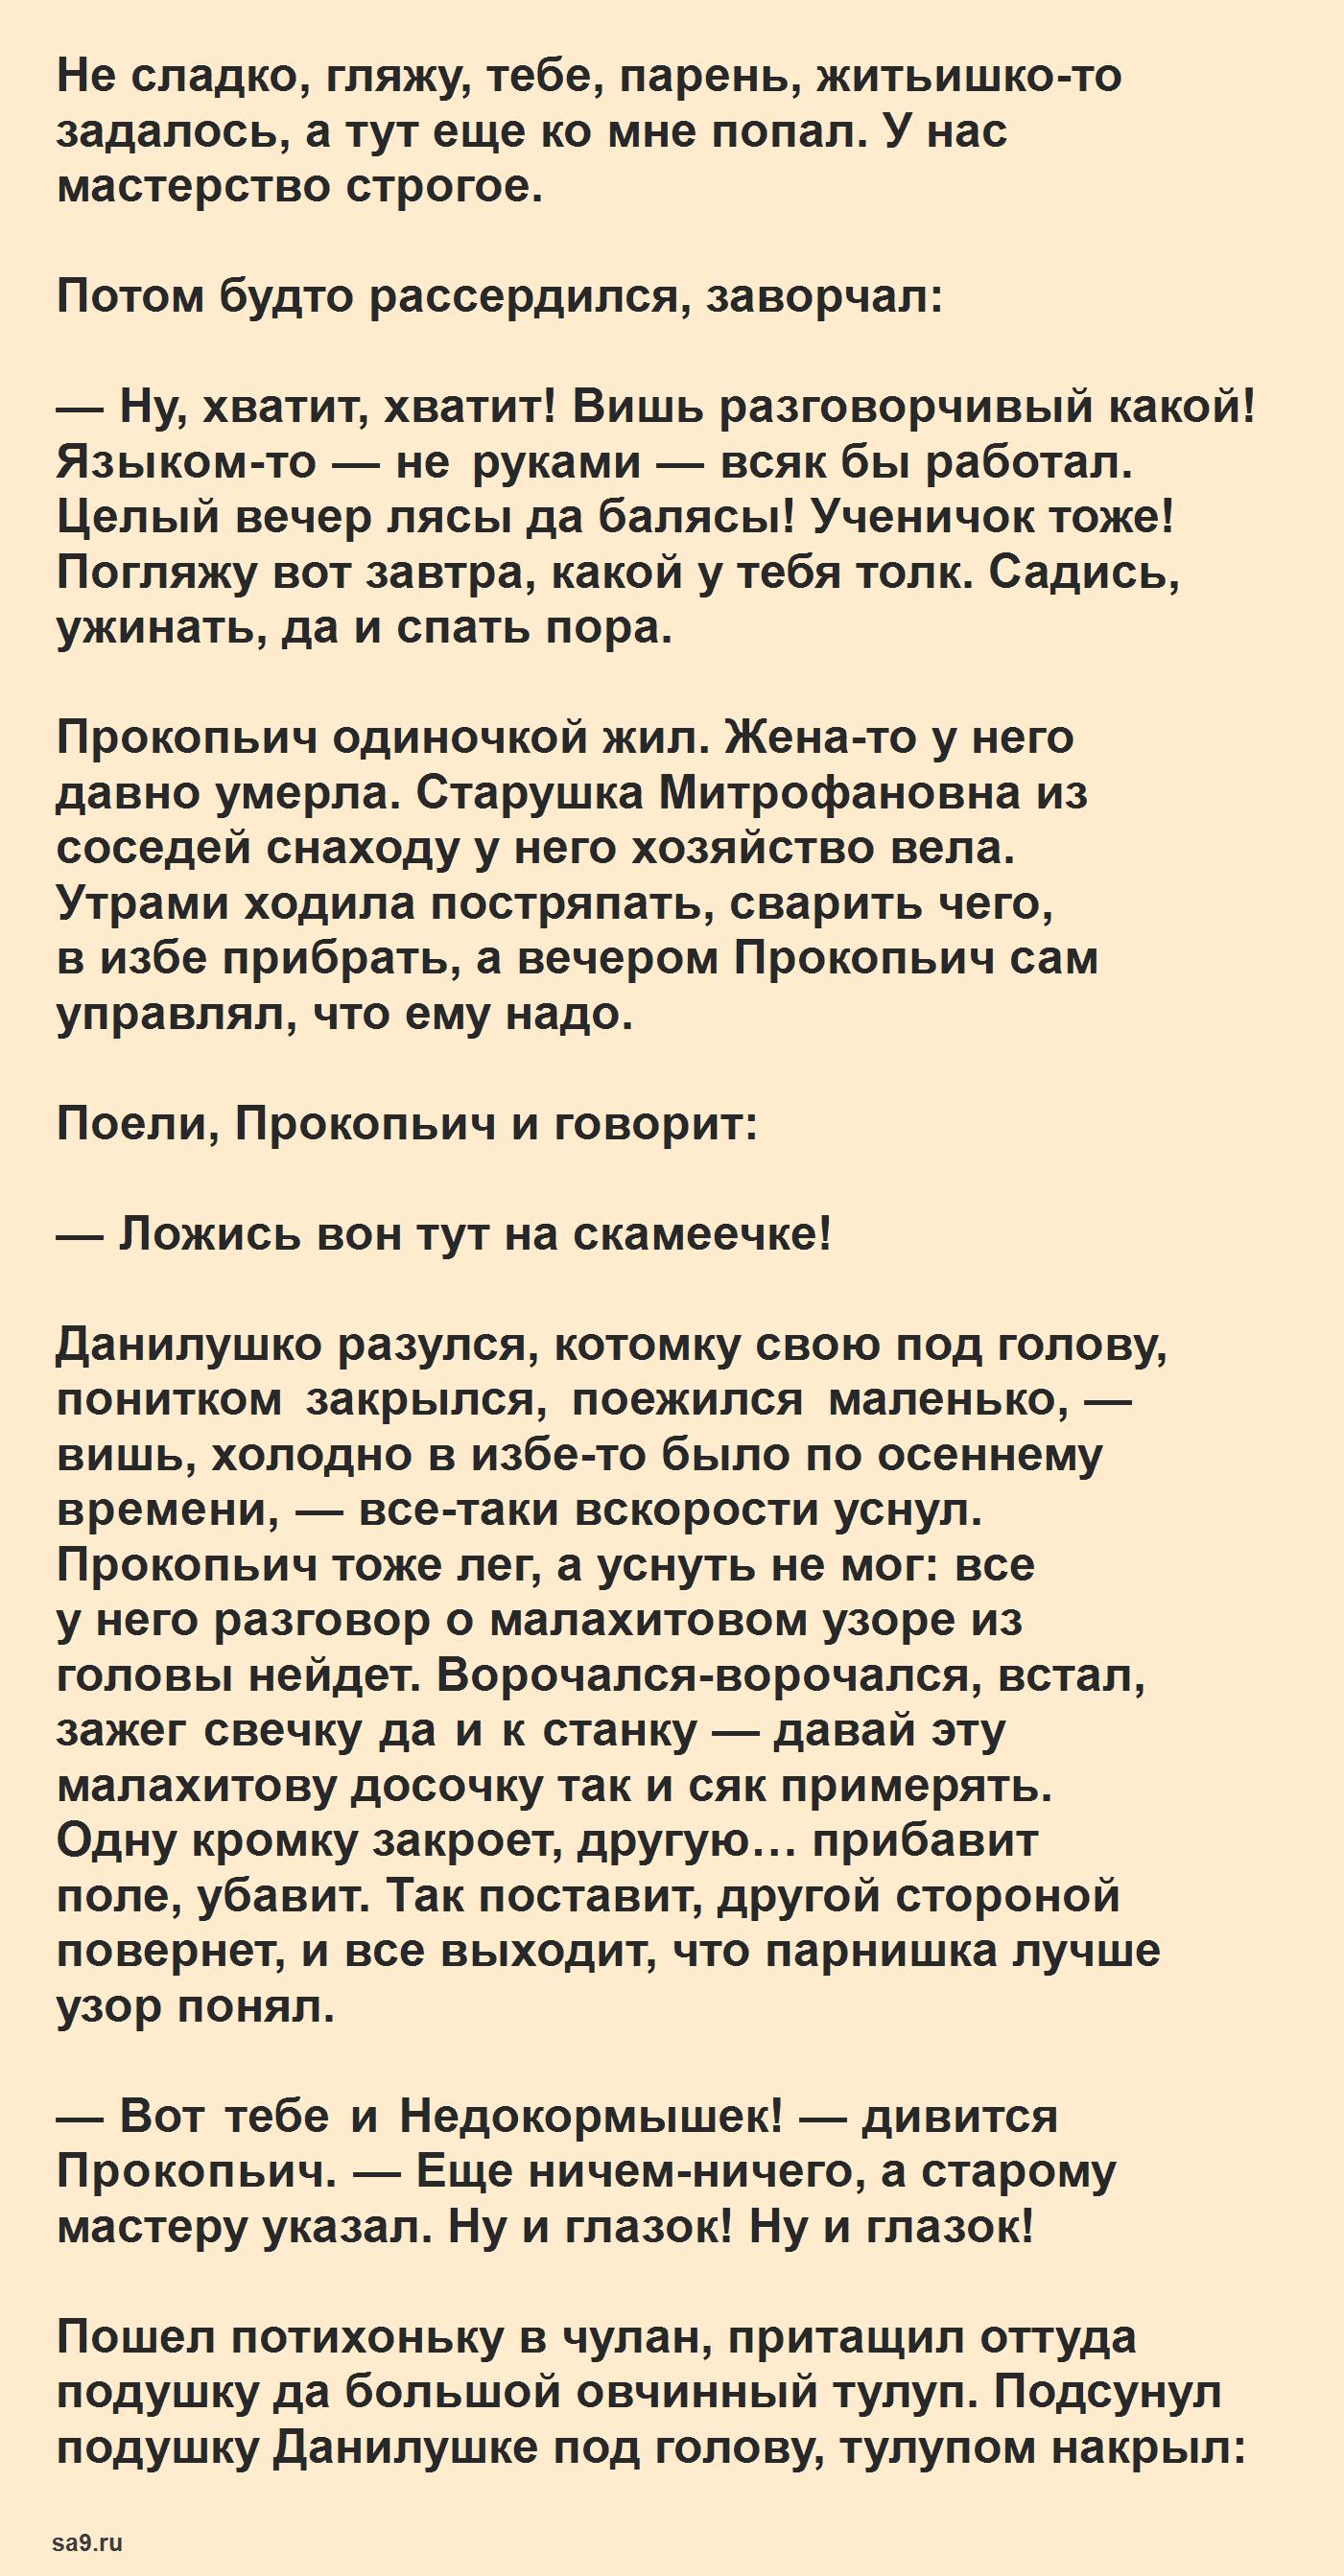 Читать сказку - Каменный цветок, Бажов